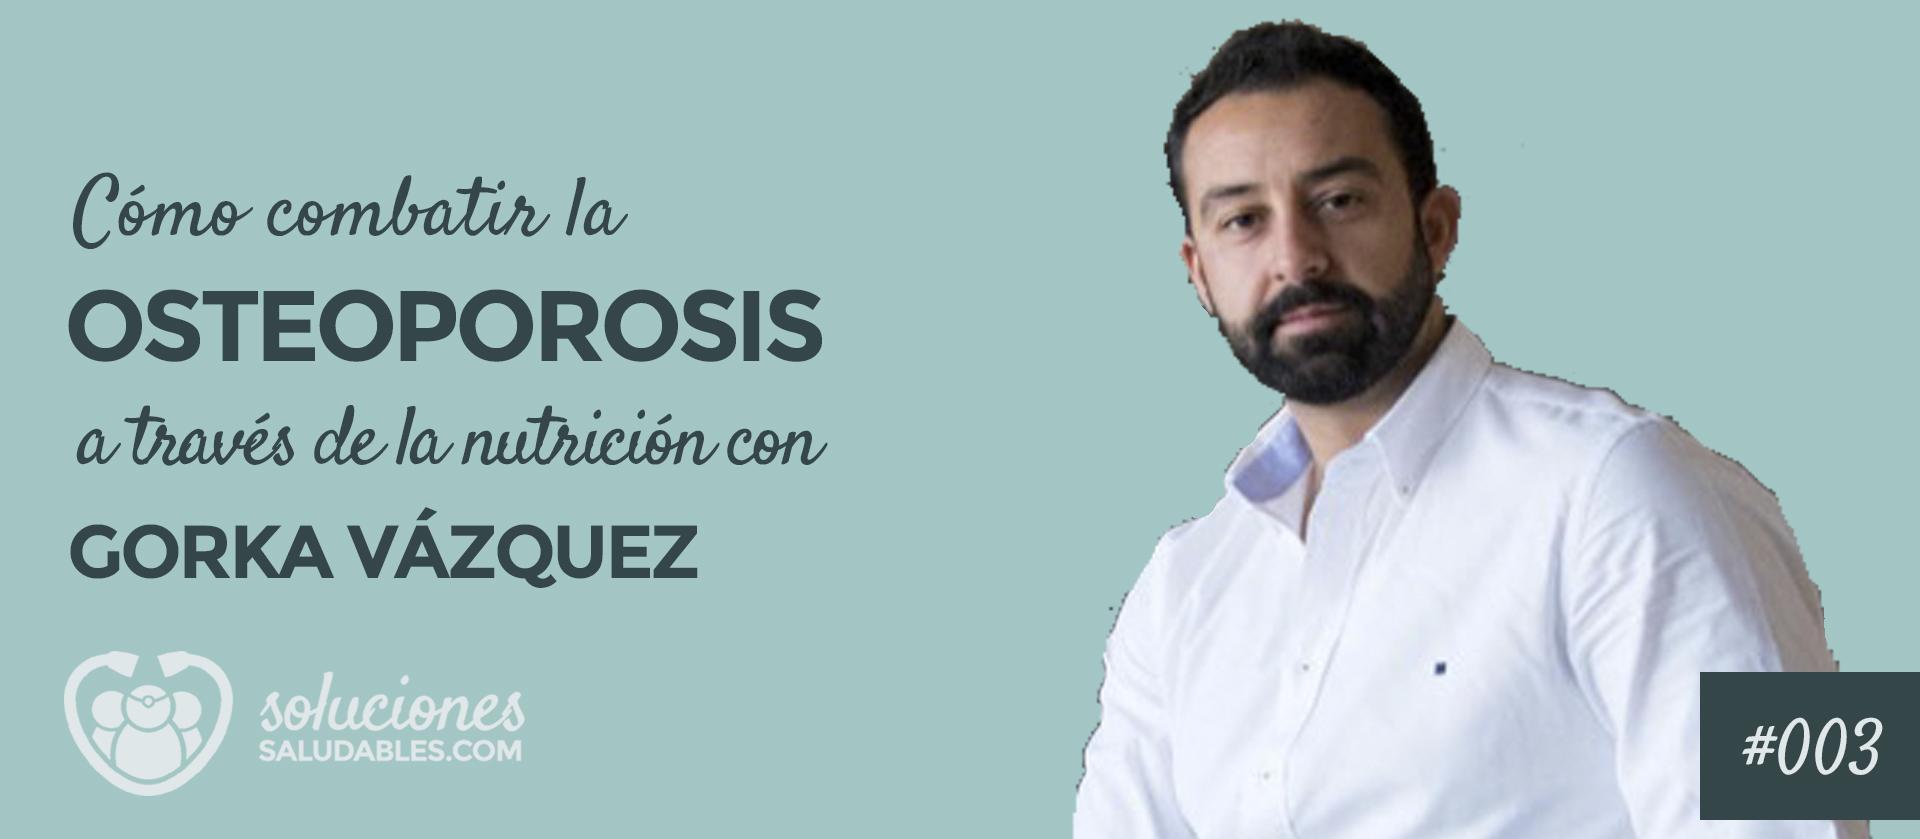 Combatir Osteoporosis a través nutrición